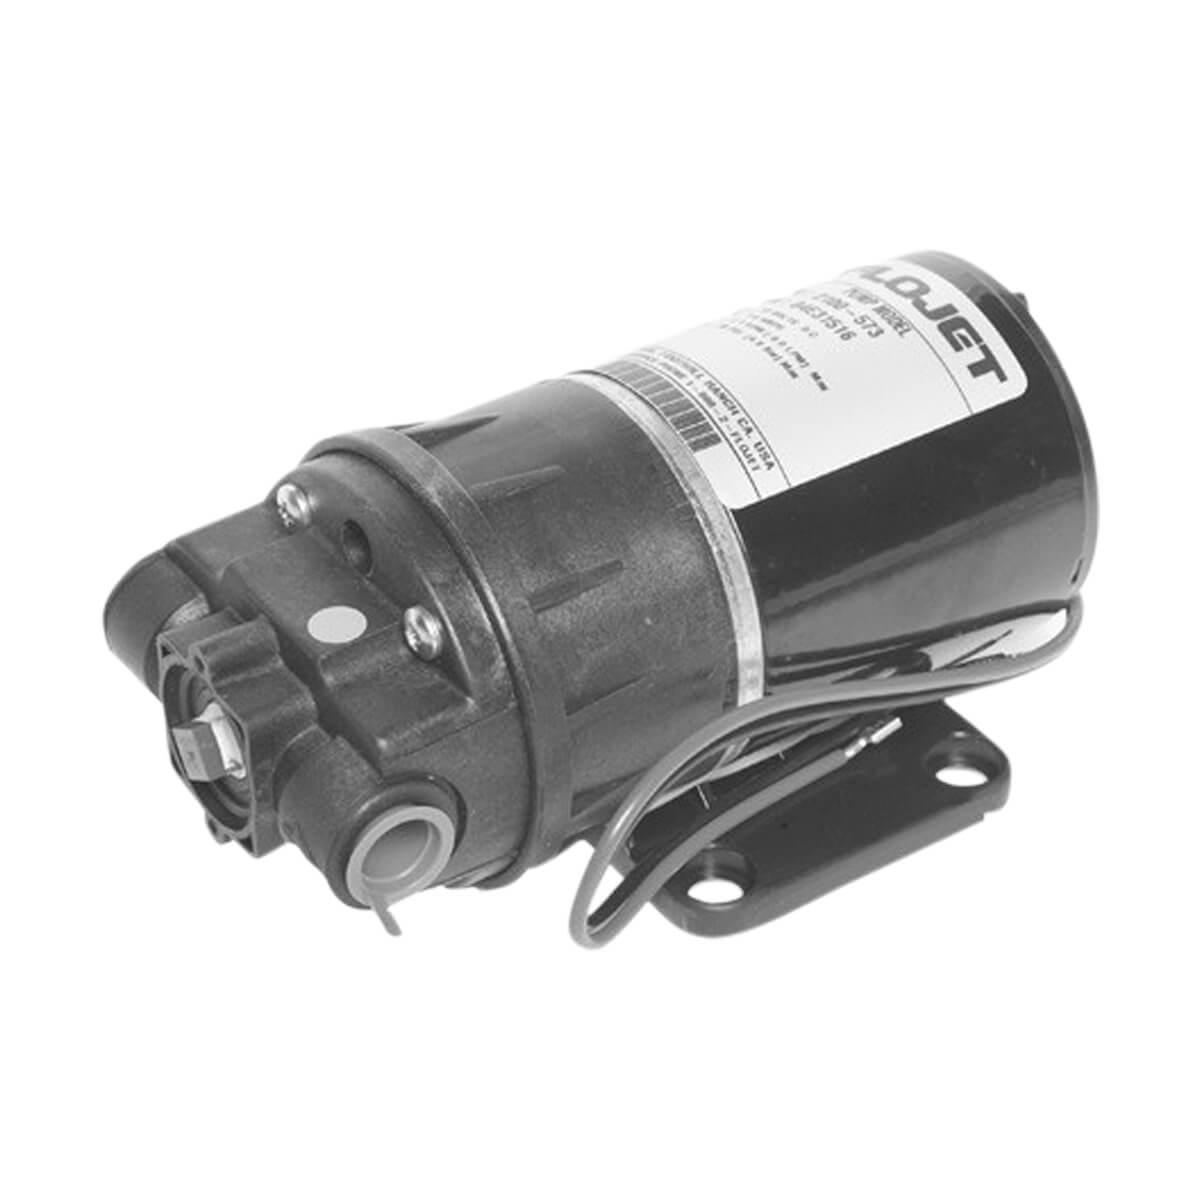 FloJet 12V Pump - Pump W/O Bypass - 2100-573